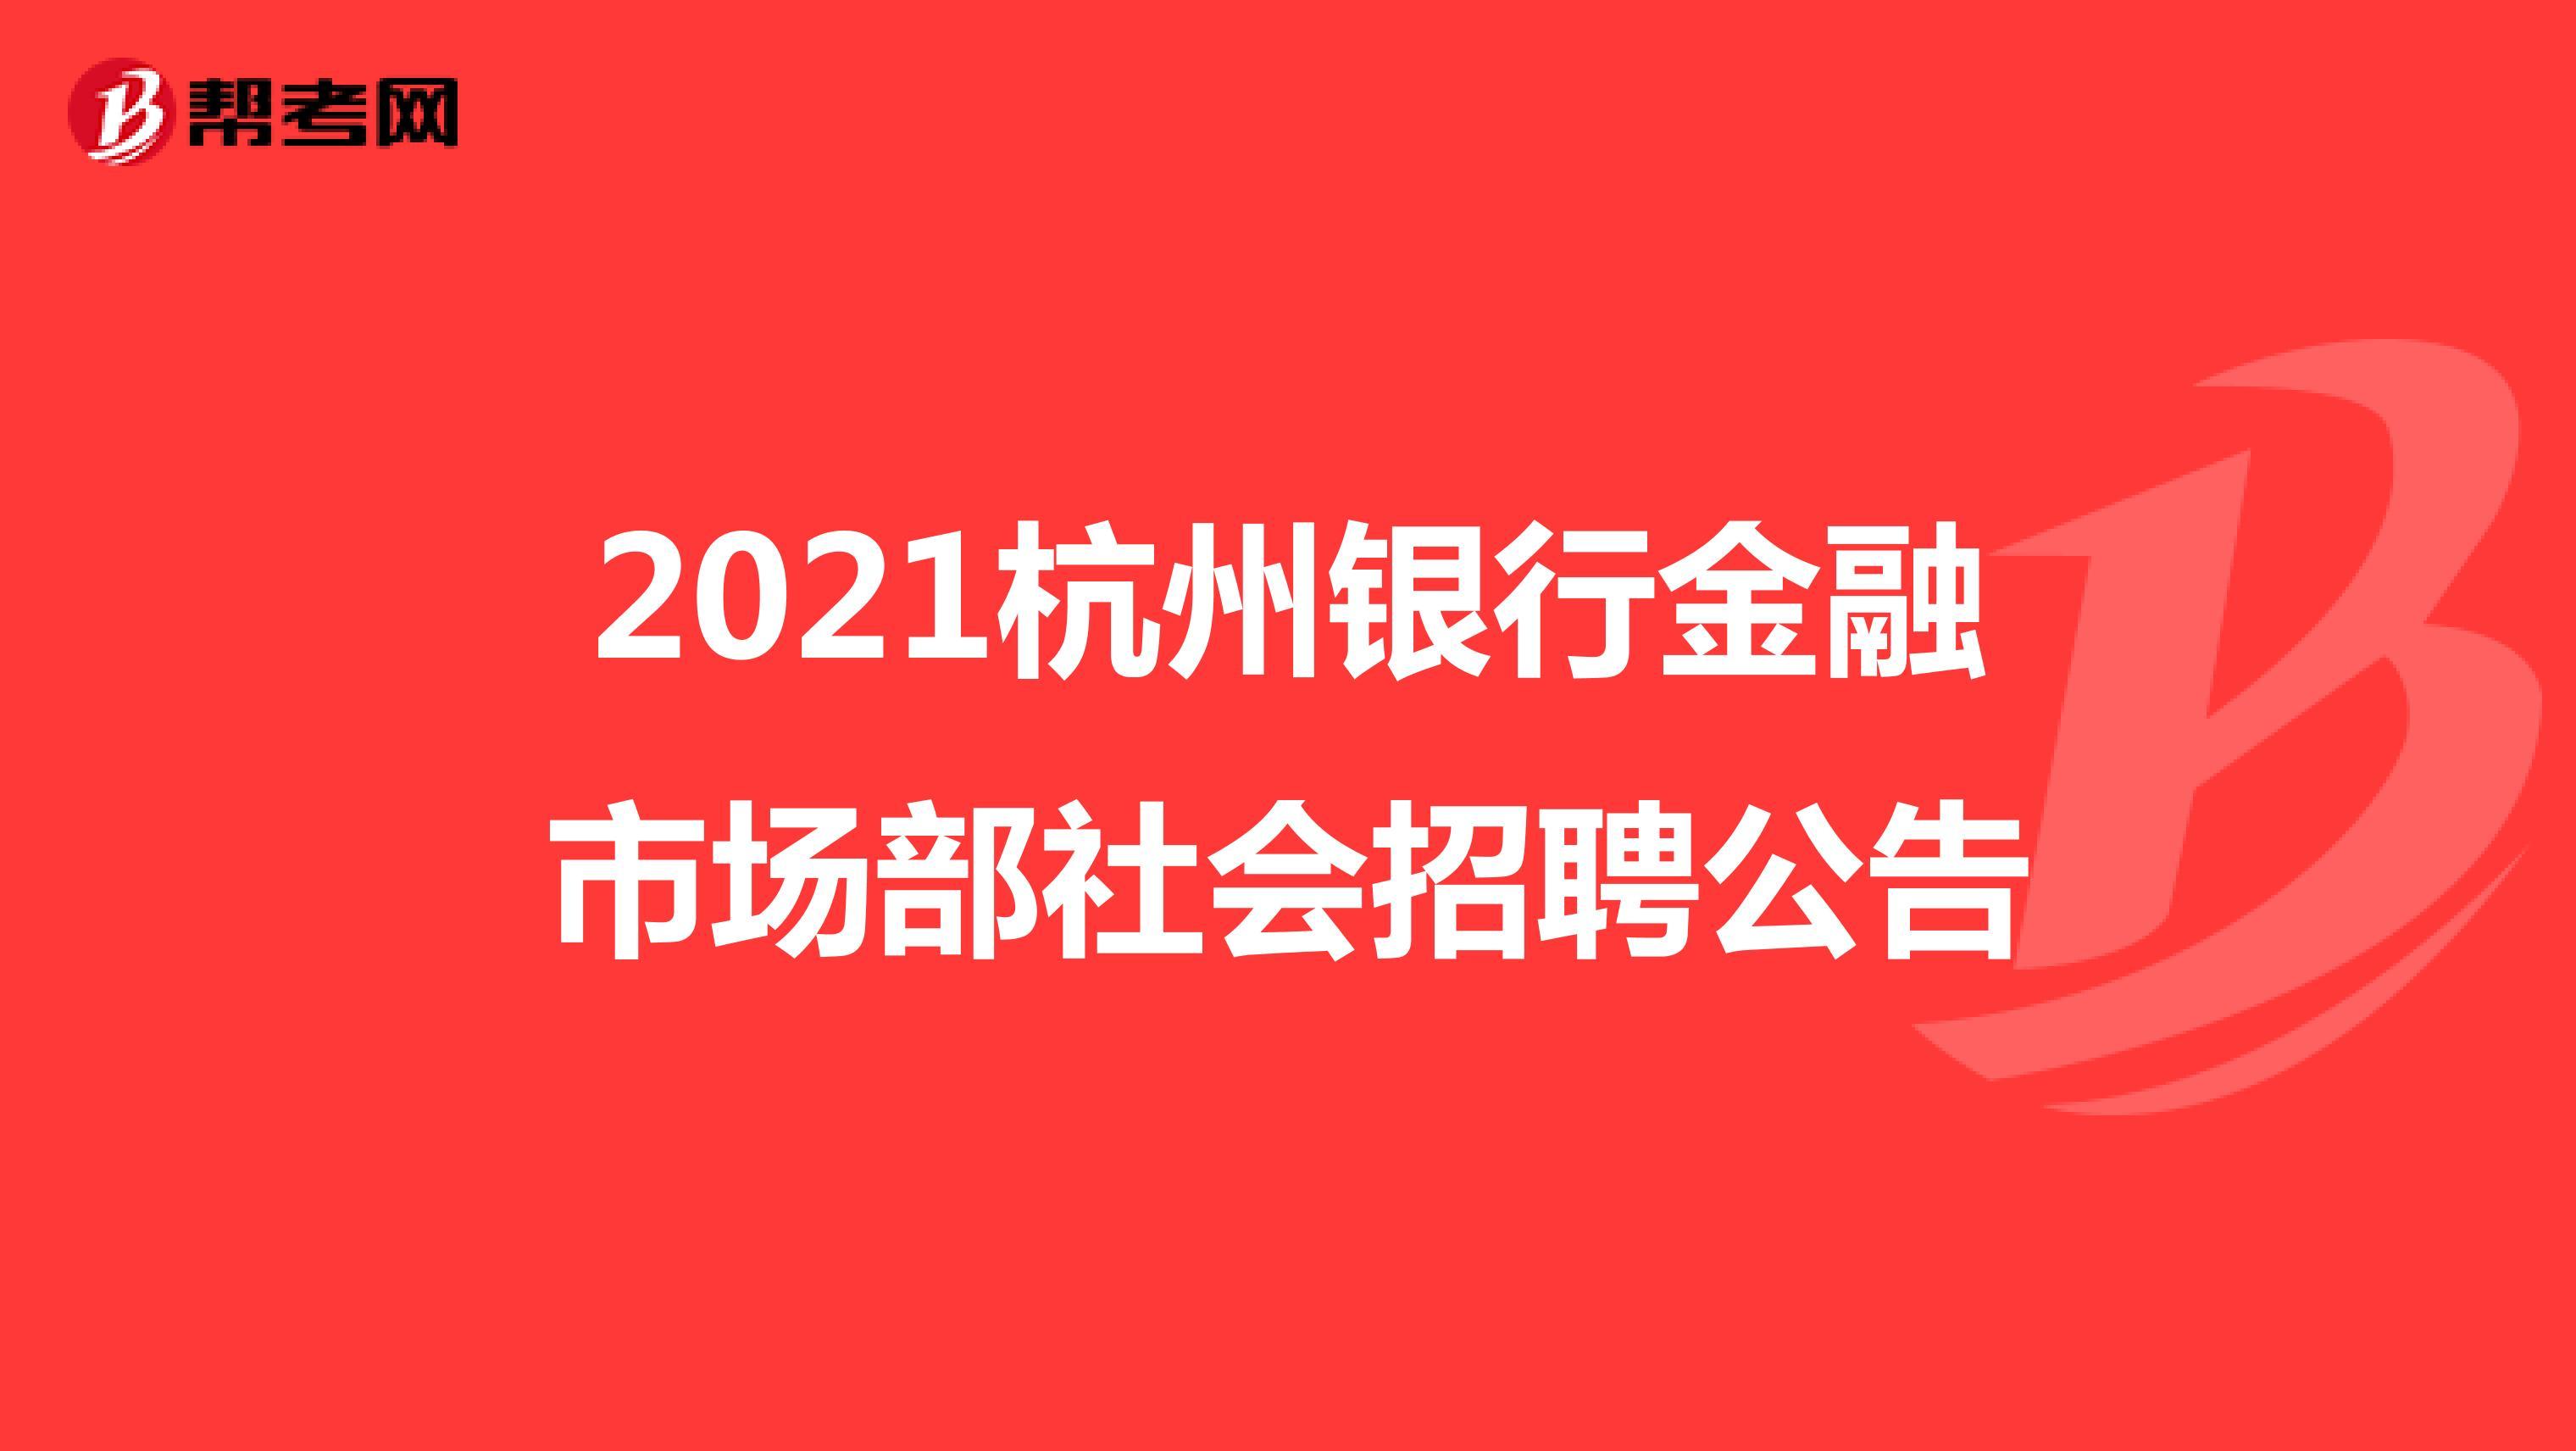 2021杭州银行金融市场部社会招聘公告